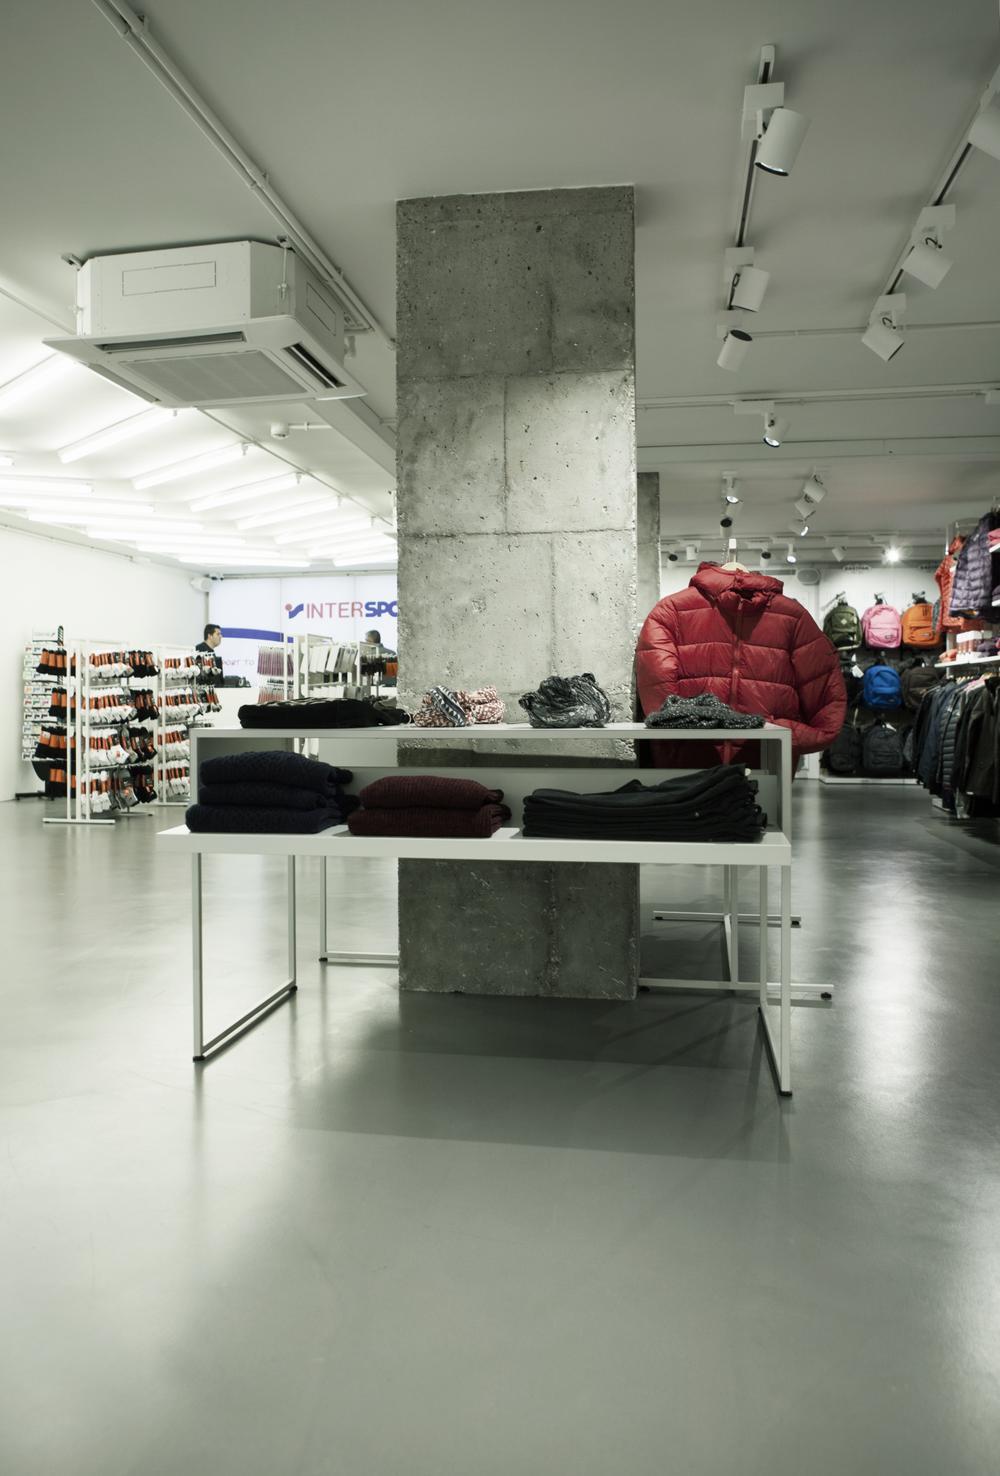 Tienda Intersport_3